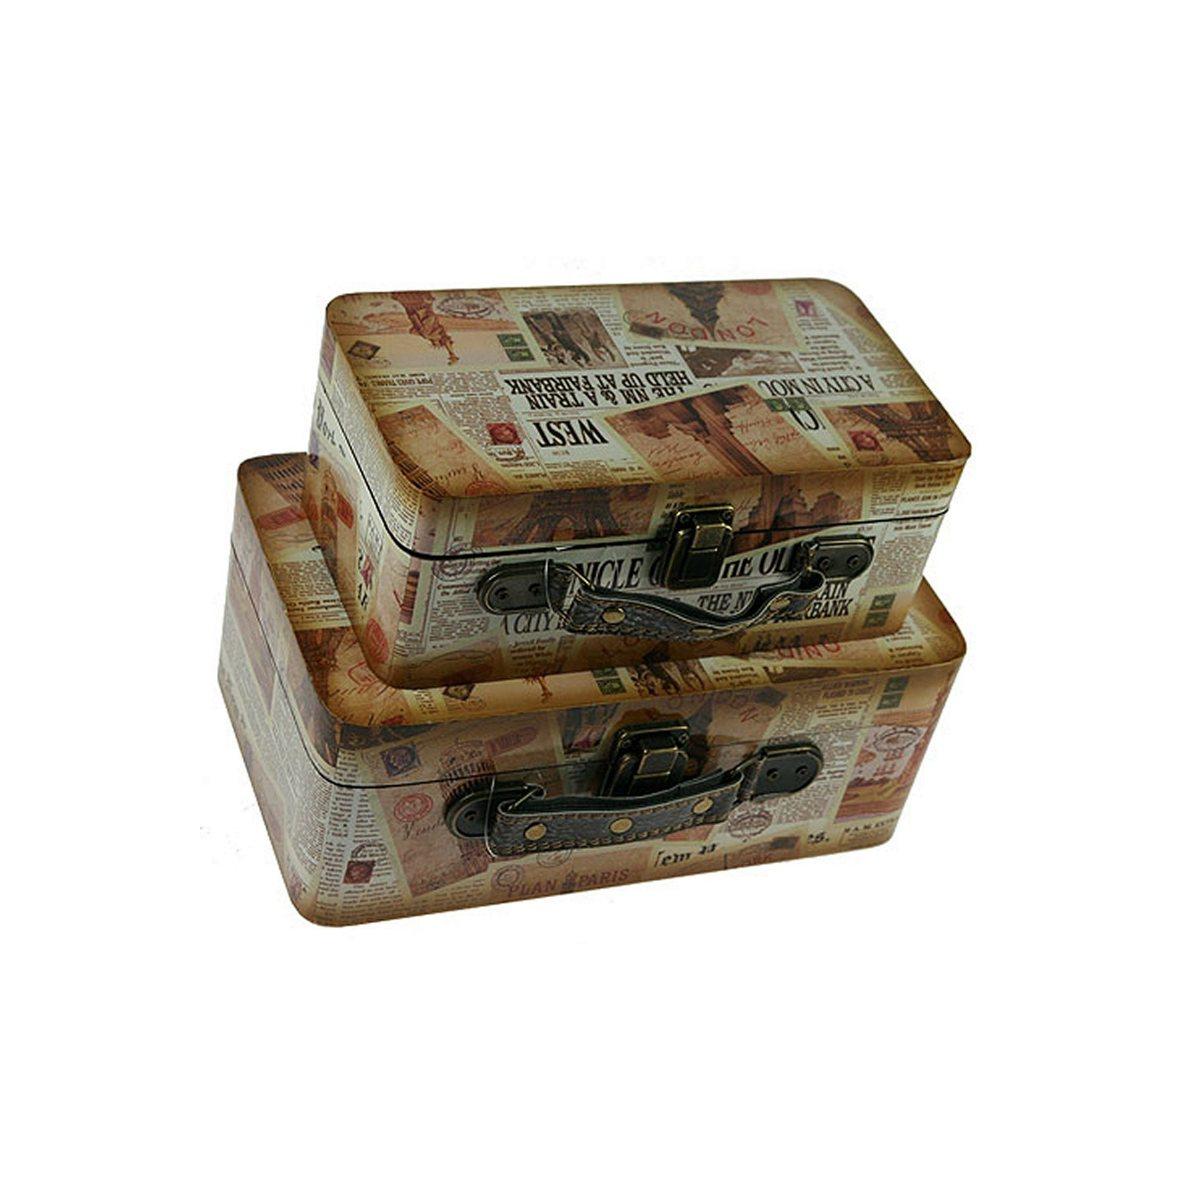 Набор сундучков Roura Decoracion, 28 х 17 х 11 см, 2 шт. 34720 набор сундучков win max 25 х 17 х 13 см 2 шт 83605